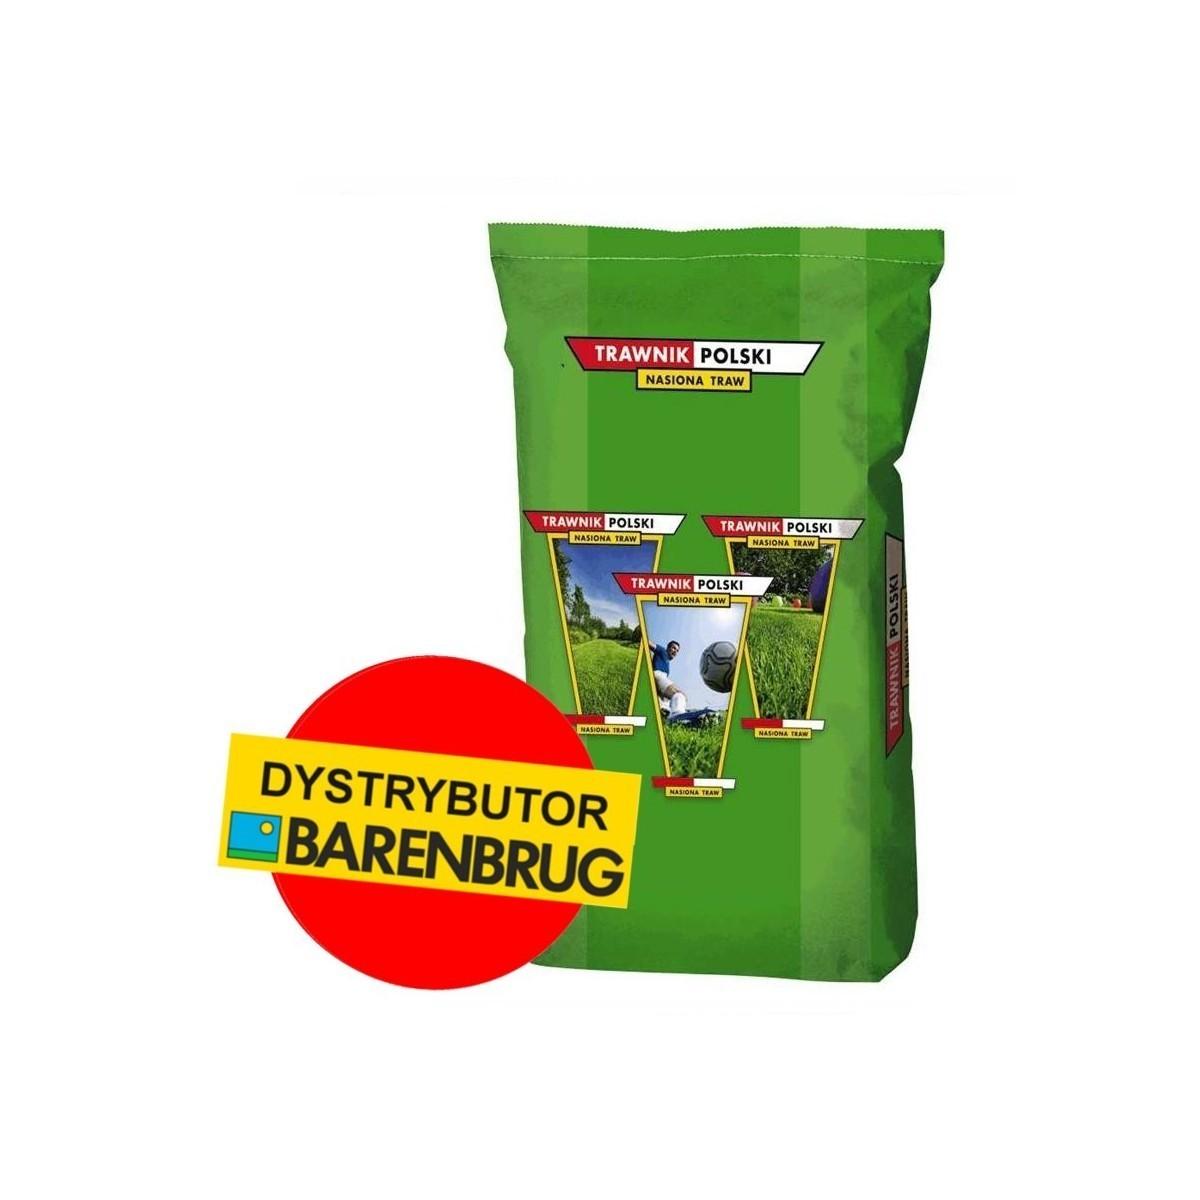 Dekoracyjne Nasiona Traw Trawnik Polski Gazon 5kg